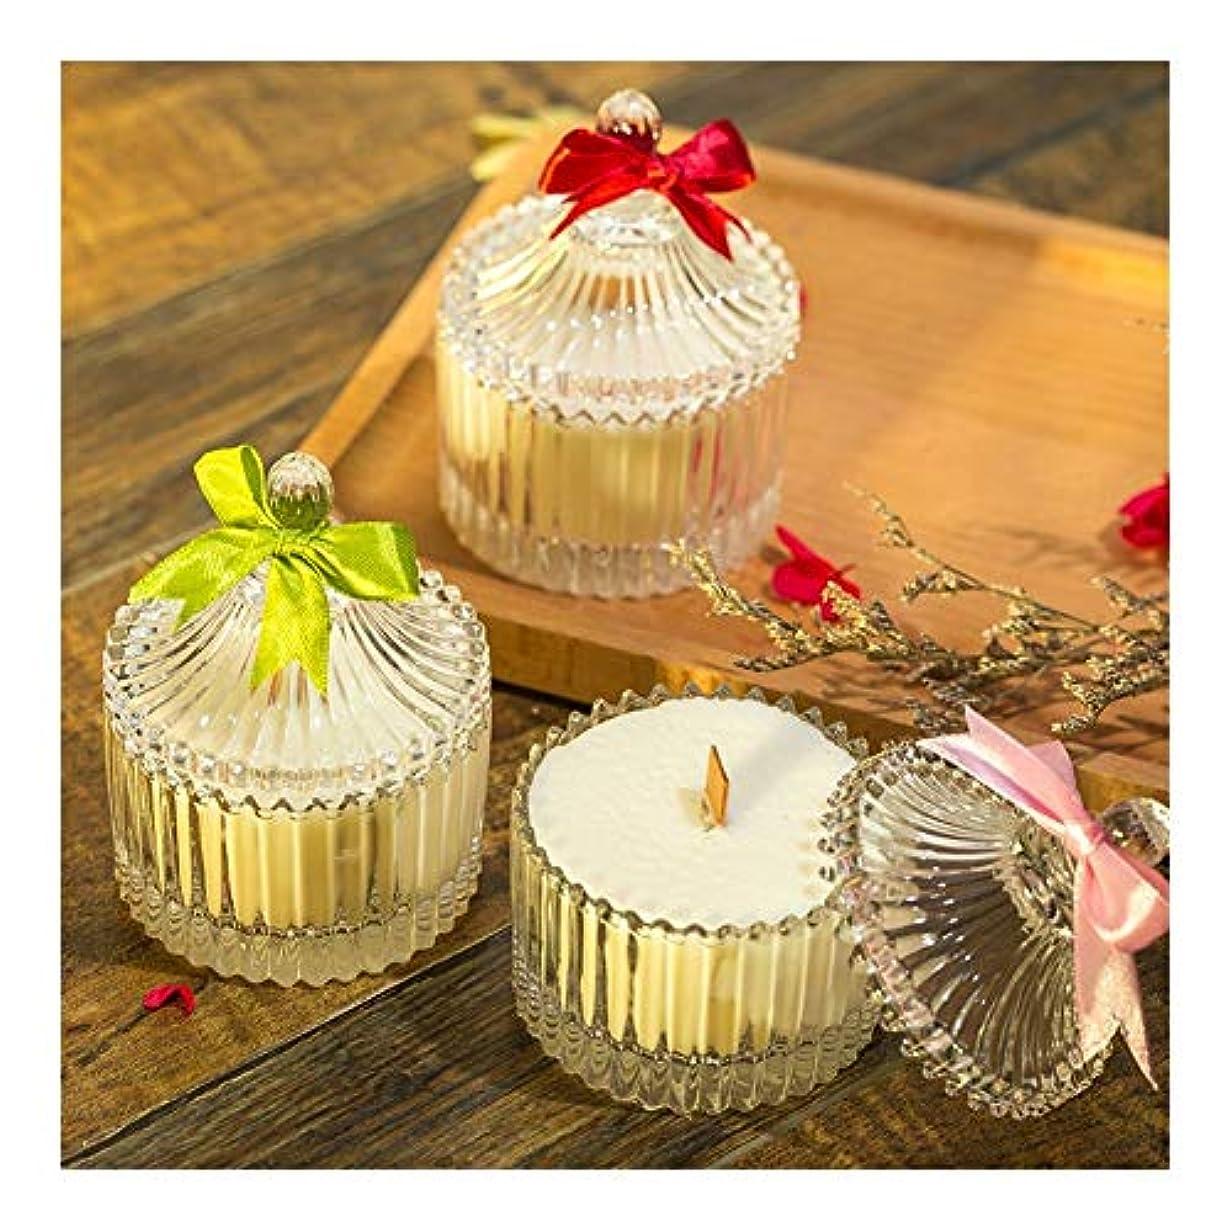 解任協力お客様ACAO 大豆の香料入りの蝋燭の無煙ガラスの蝋燭の結婚祝い (色 : Lavender)